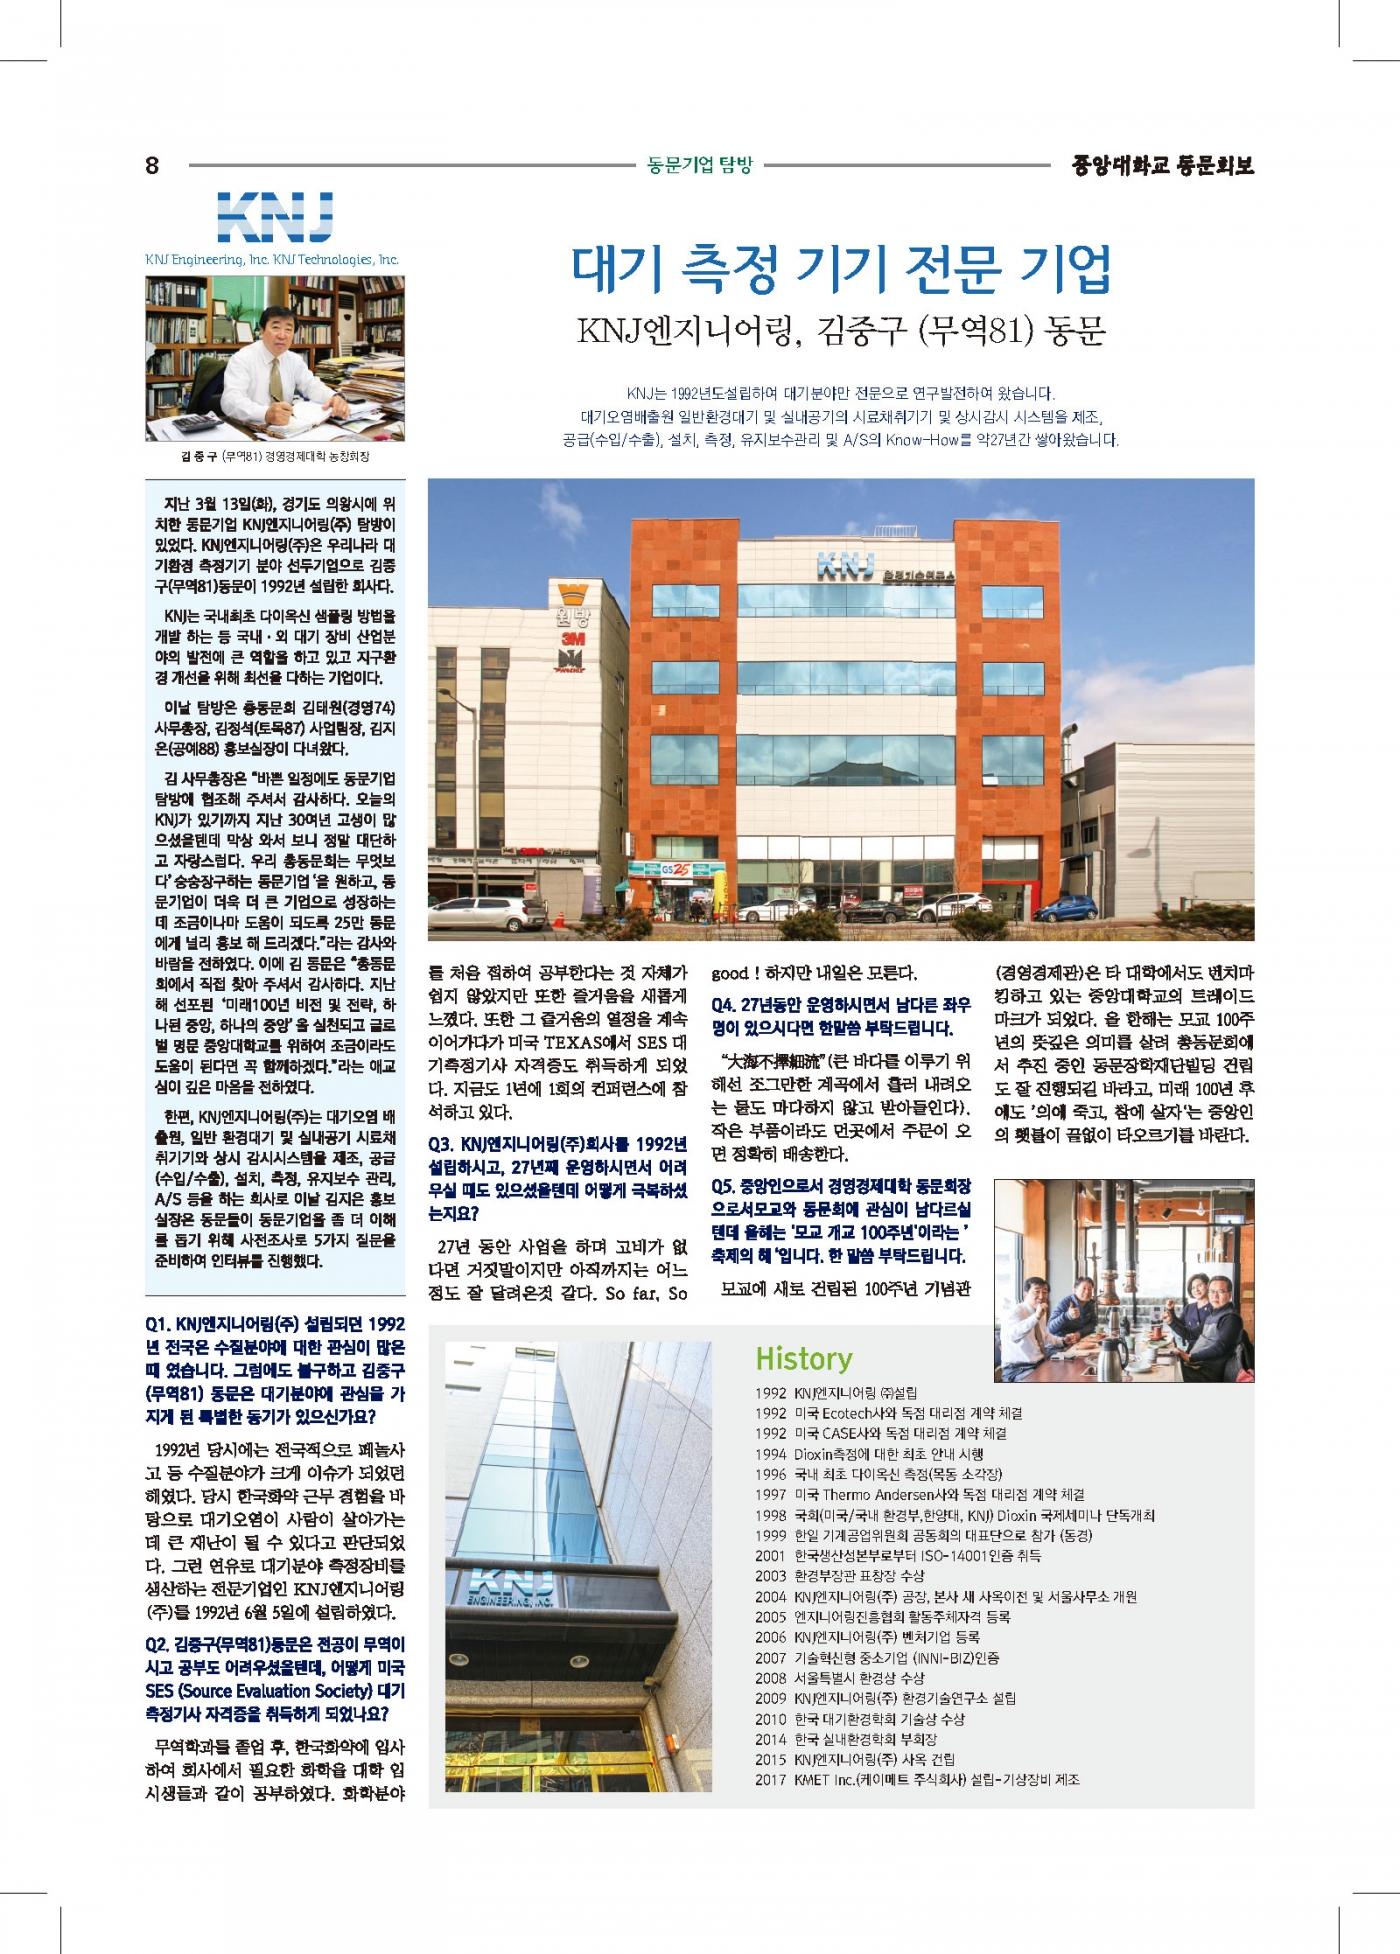 중총신문-18-4-23-인쇄OL1-8.jpg